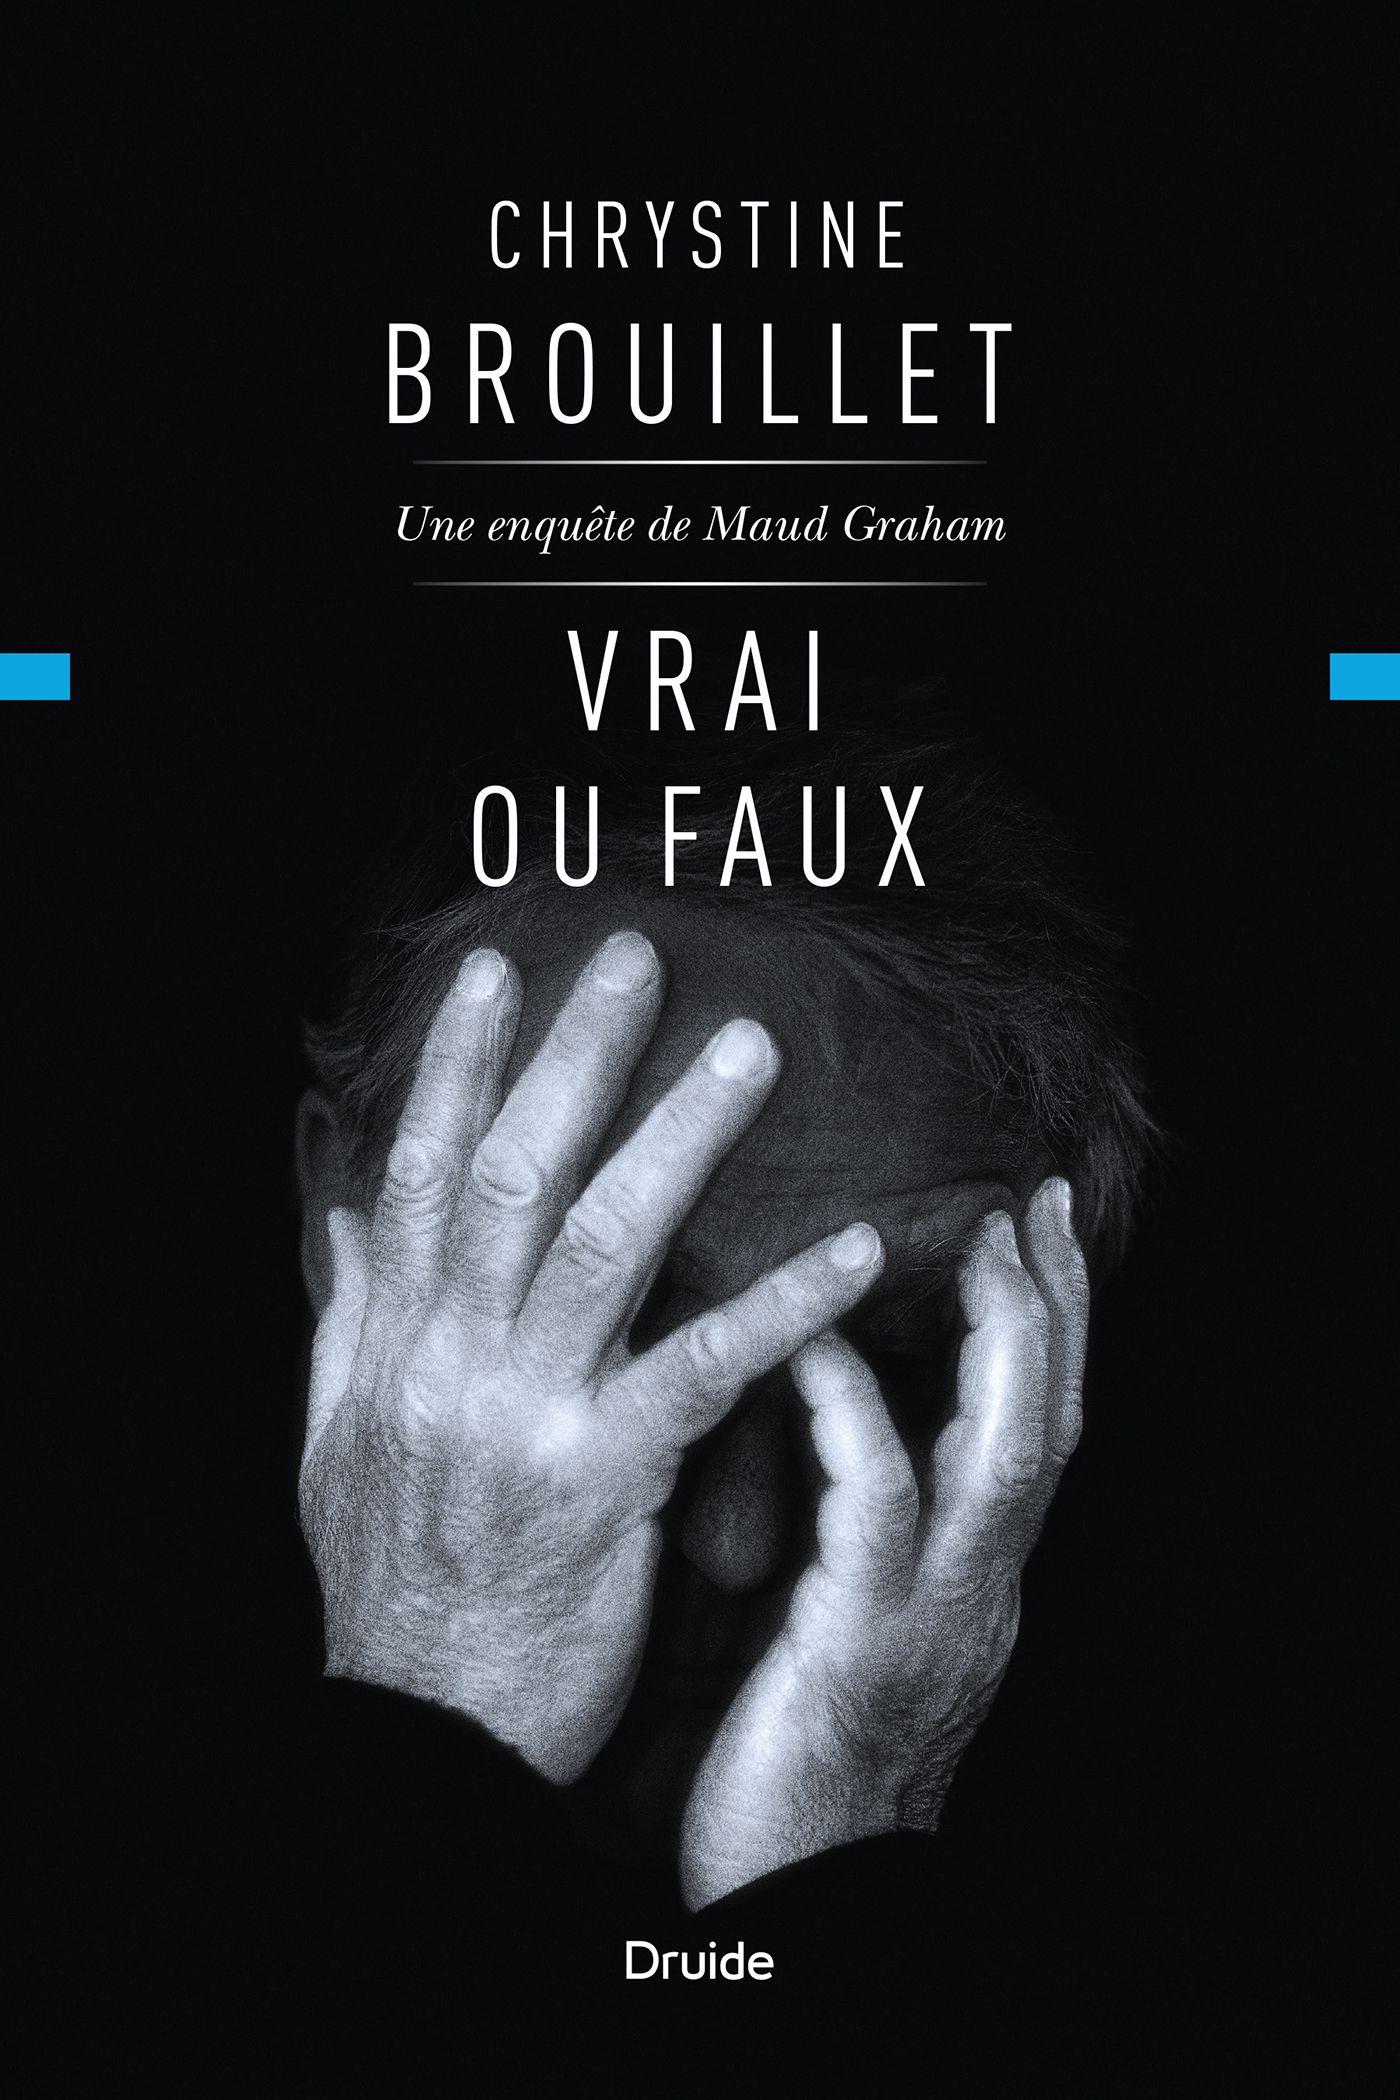 Vrai Ou Faux Une Enquete De Maud Graham Chrystine Brouillet Ebooks Vrai Kindle Reading